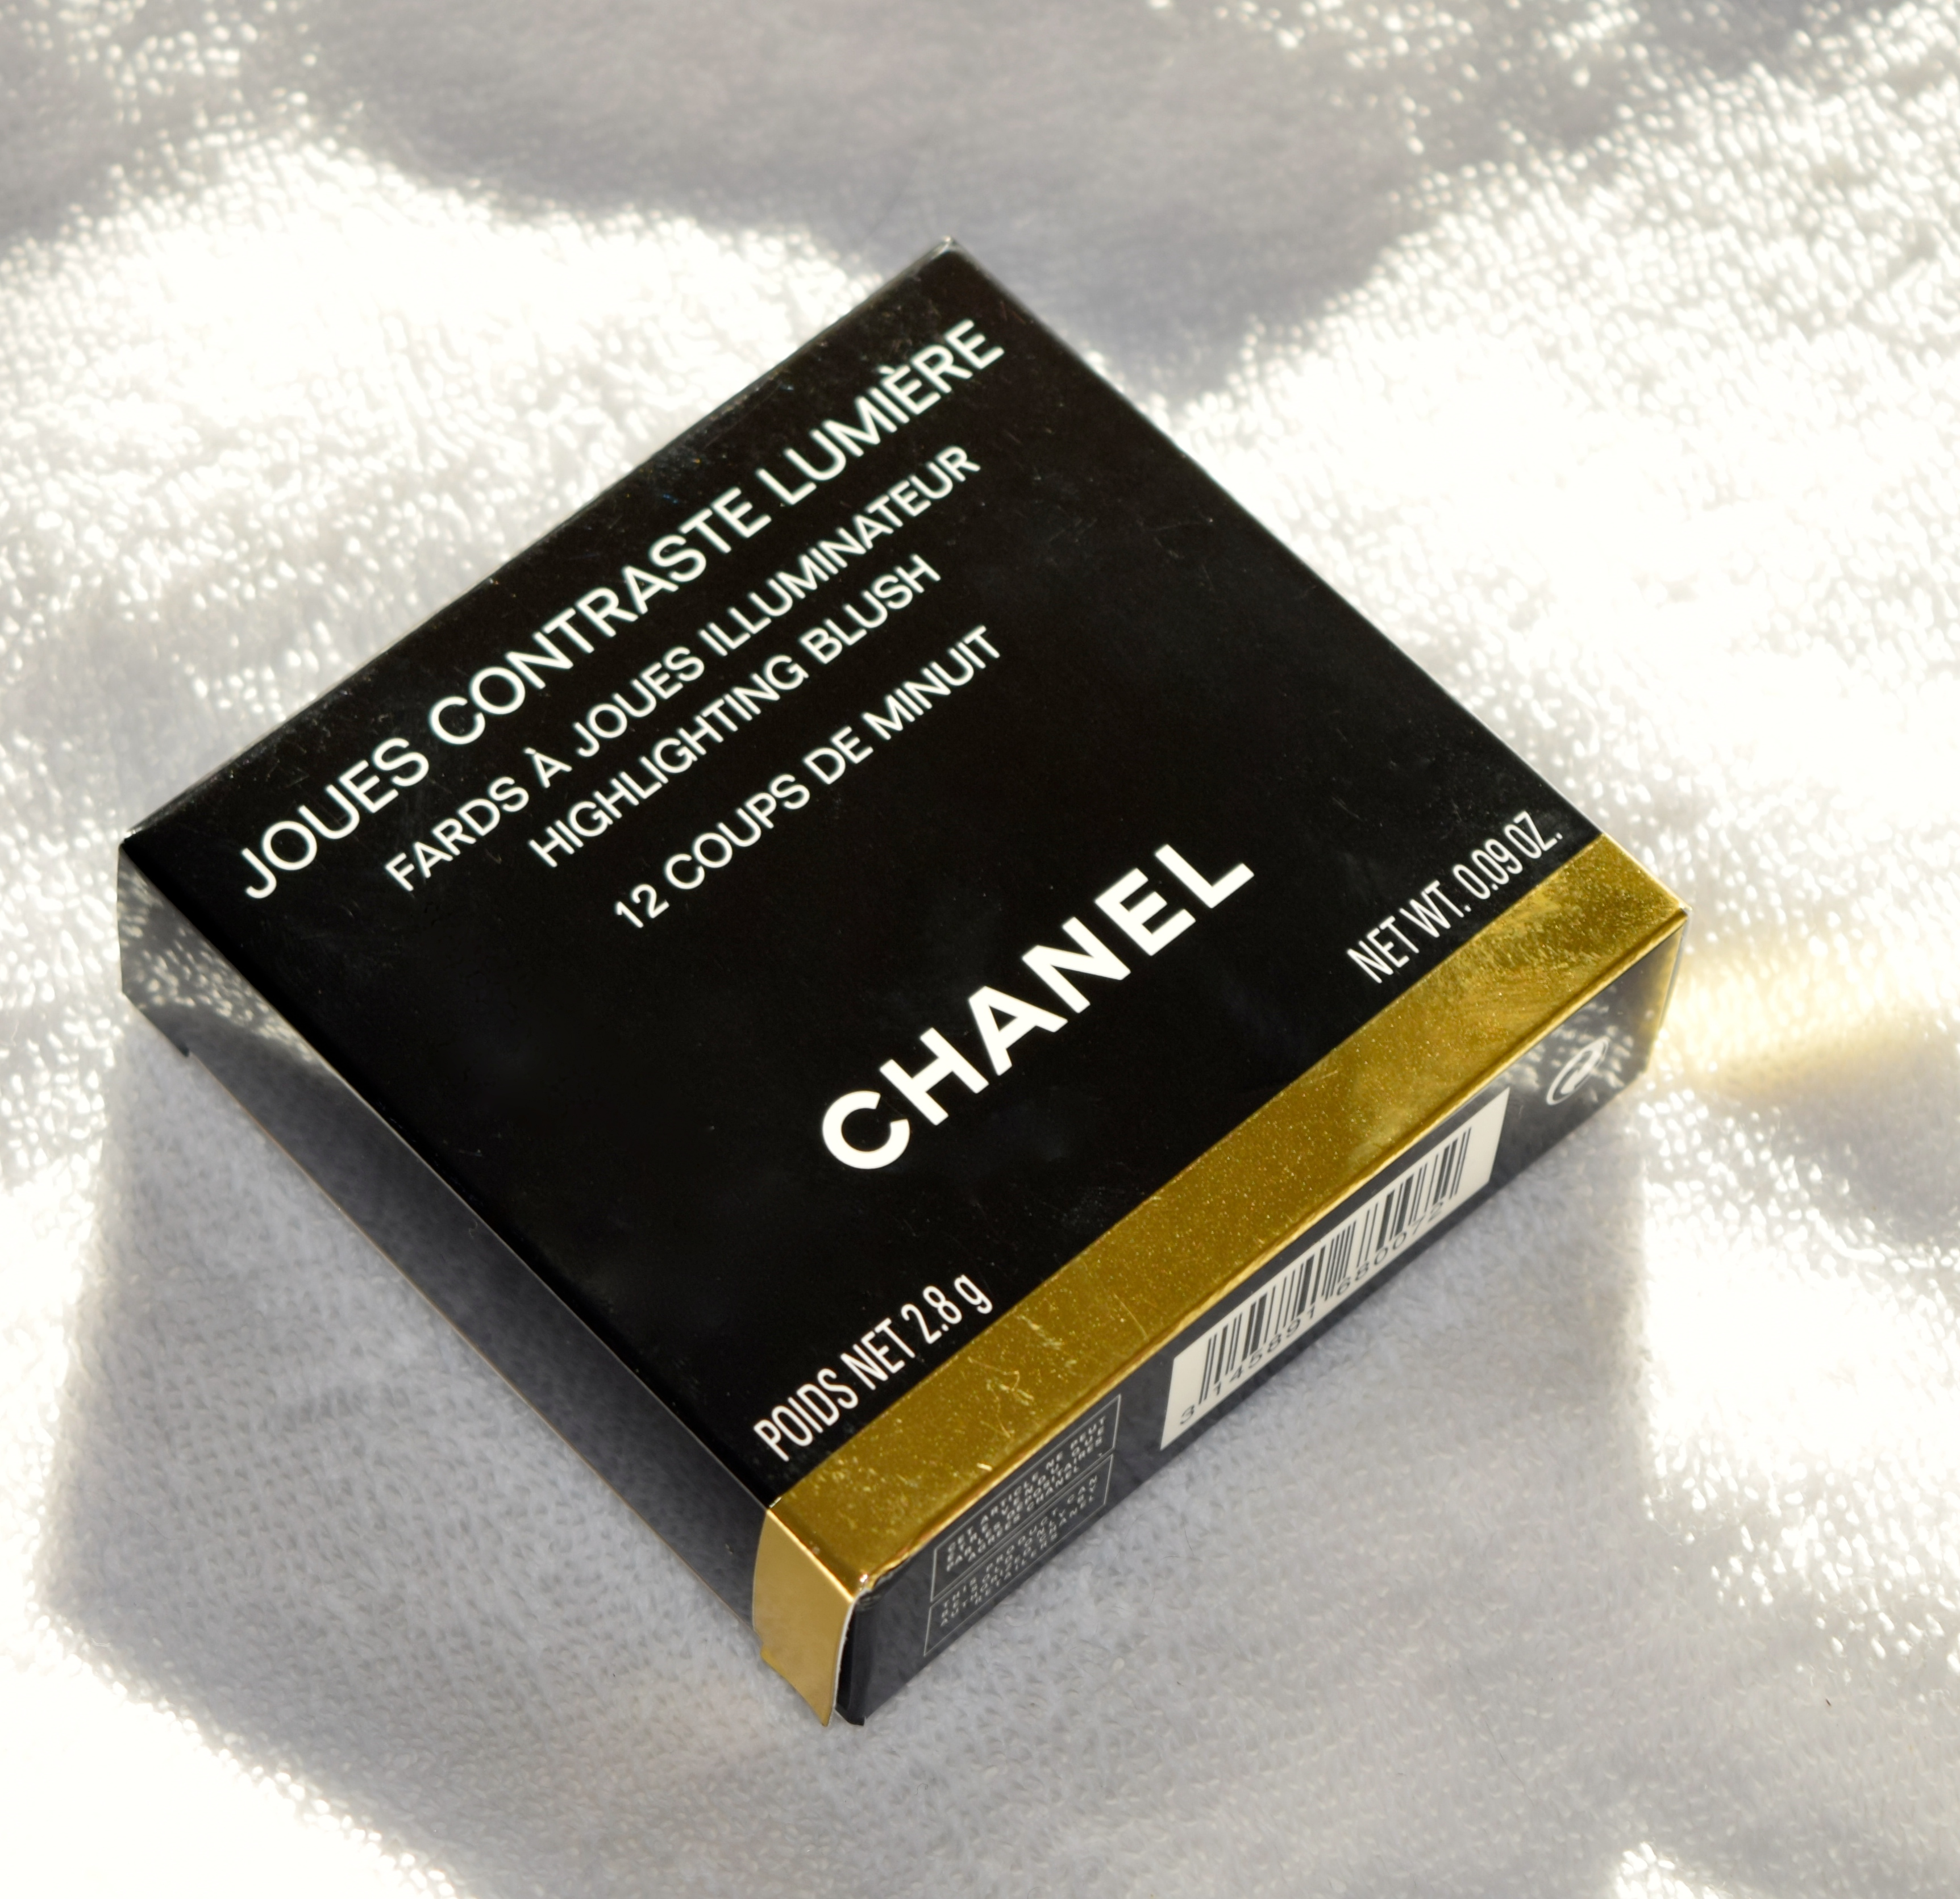 Chanel Coups de Minuit